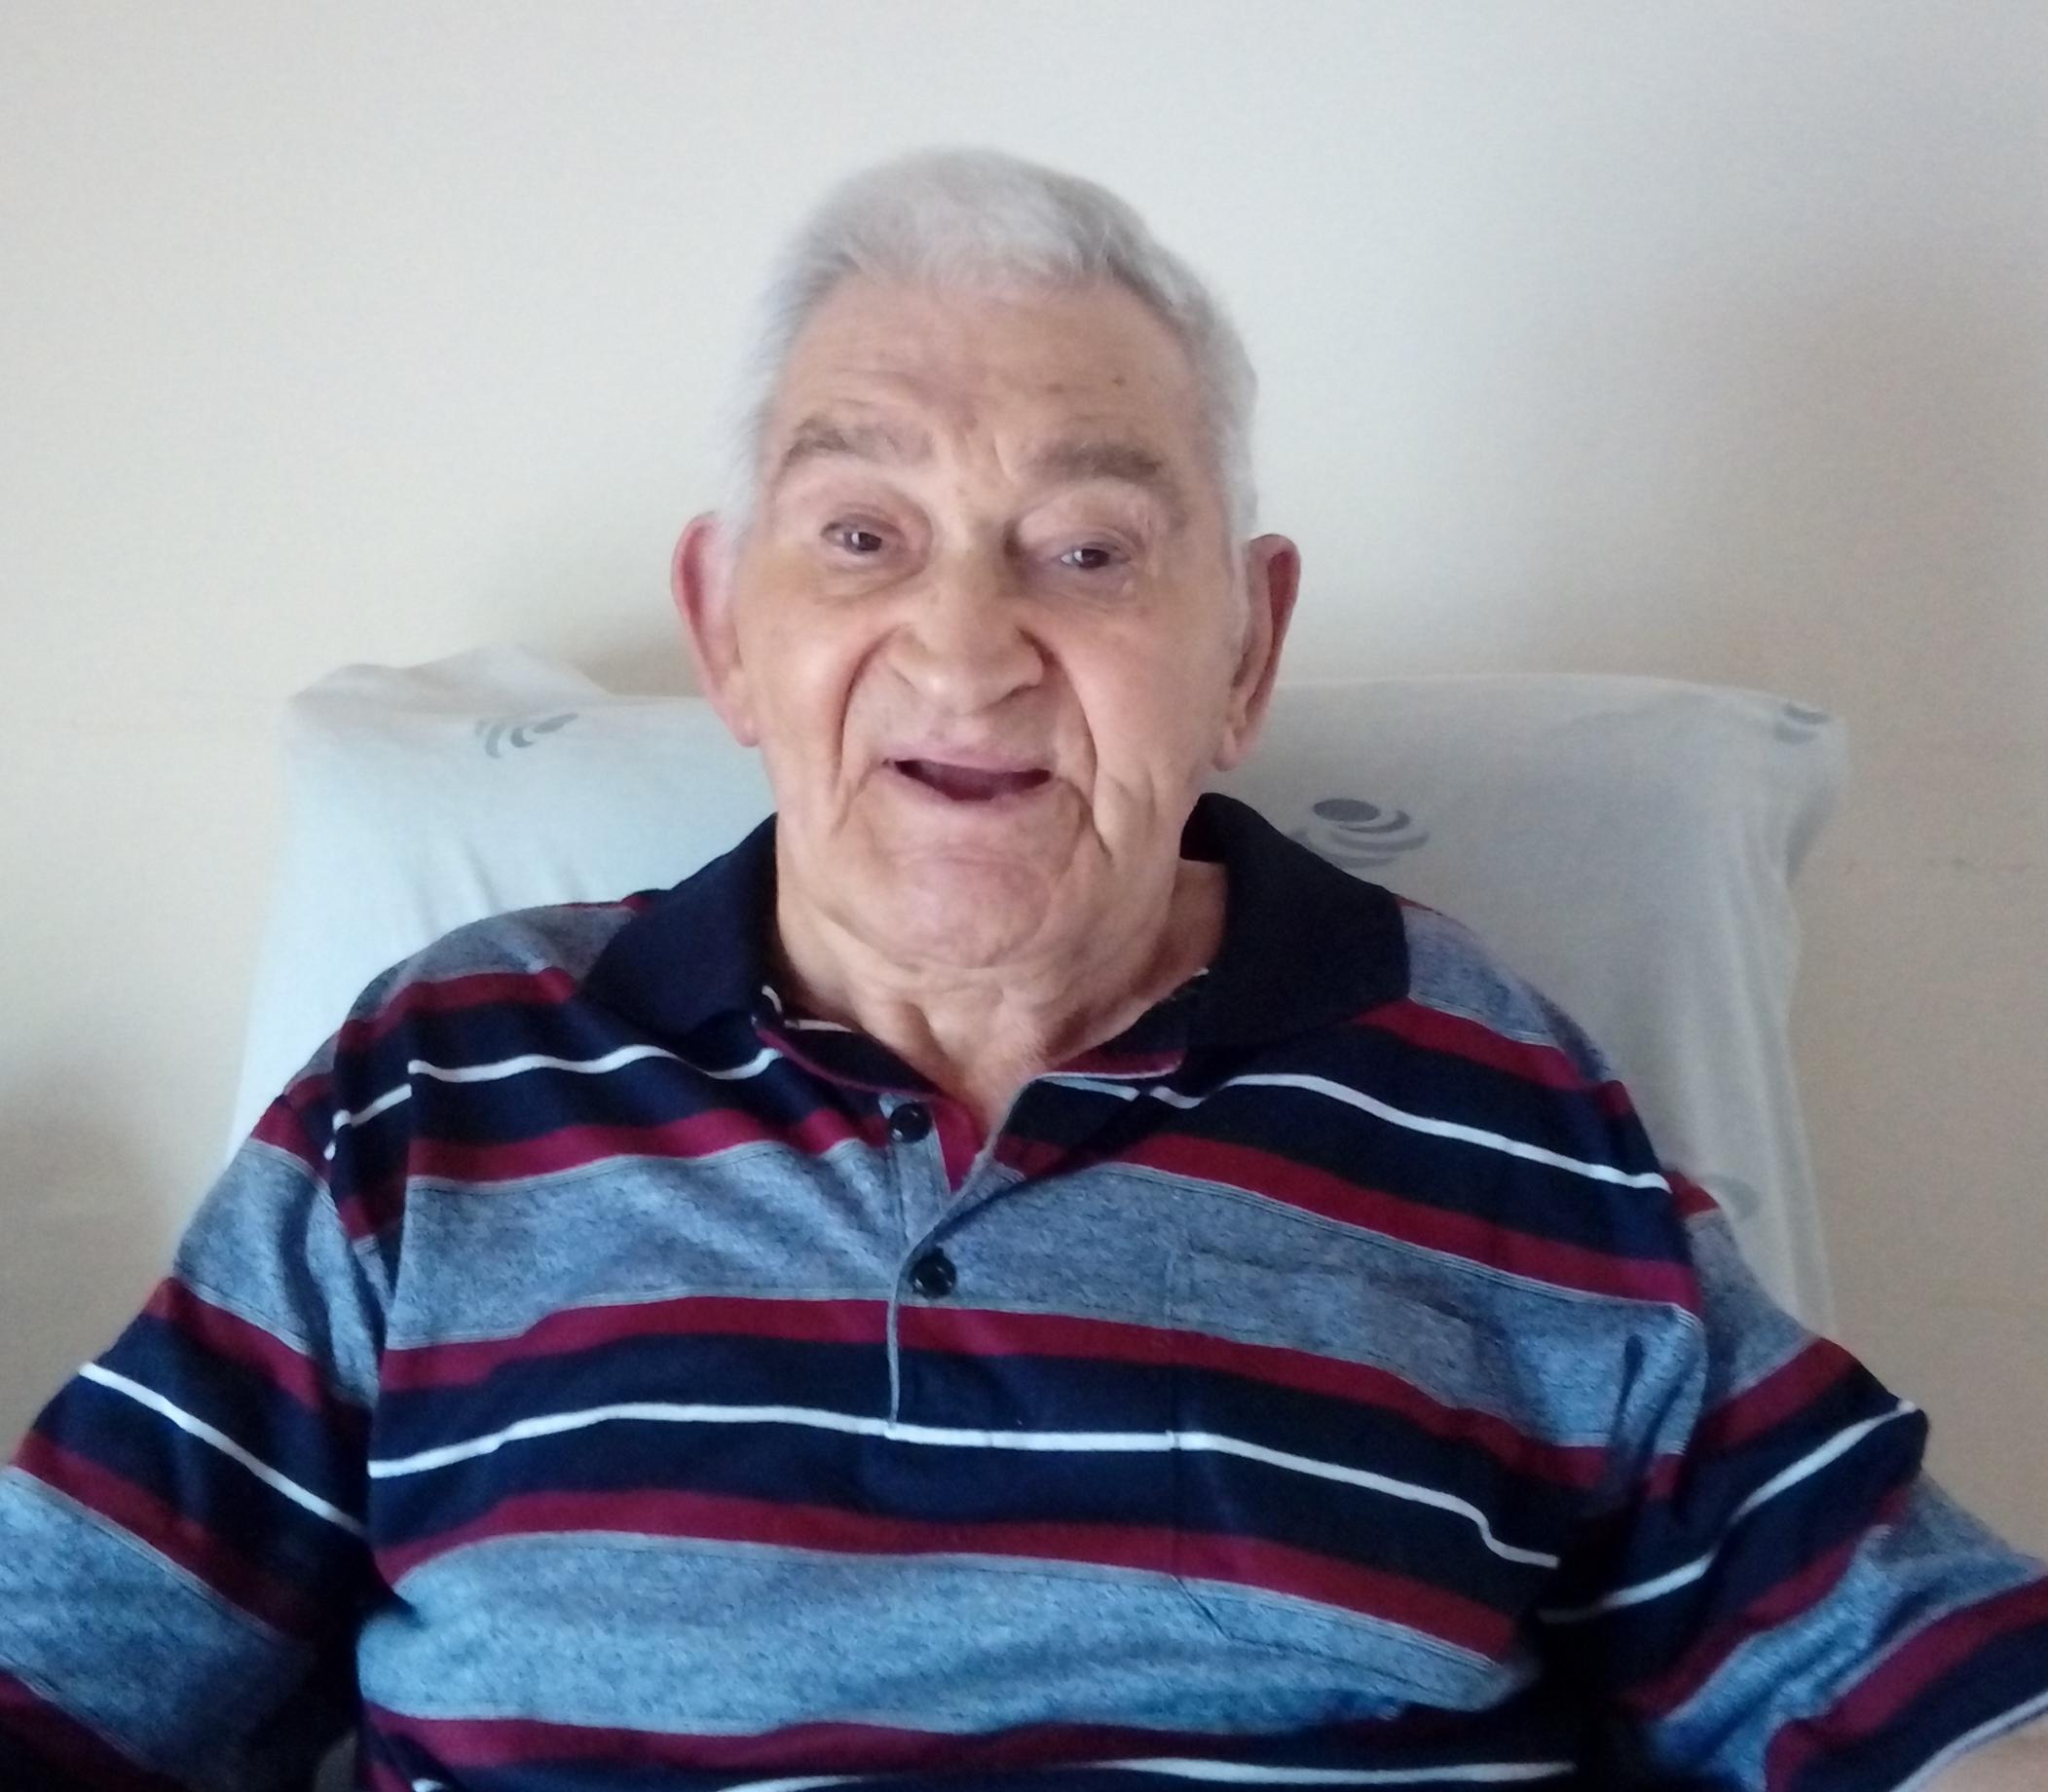 António José Teixeira